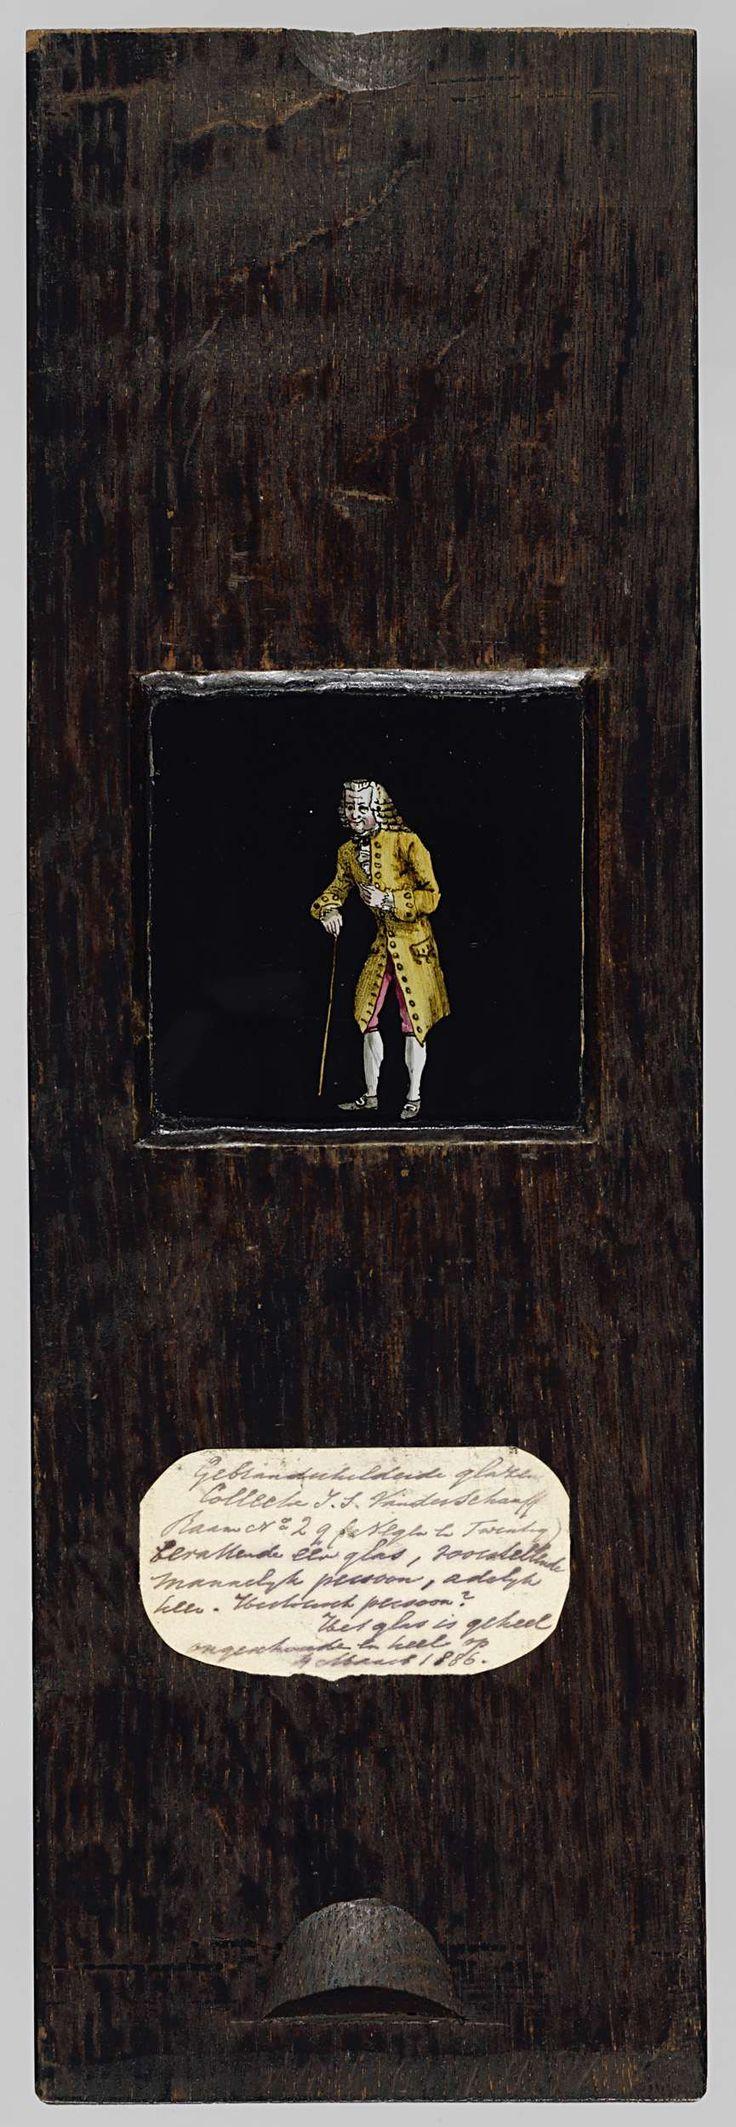 Anonymous   Heer met stok, Anonymous, c. 1790 - c. 1830   Vierkante glasplaat in houten vatting. Een heer in gele kleren, leunend op een stok, ten voeten uit. De achtergrond is zwart.